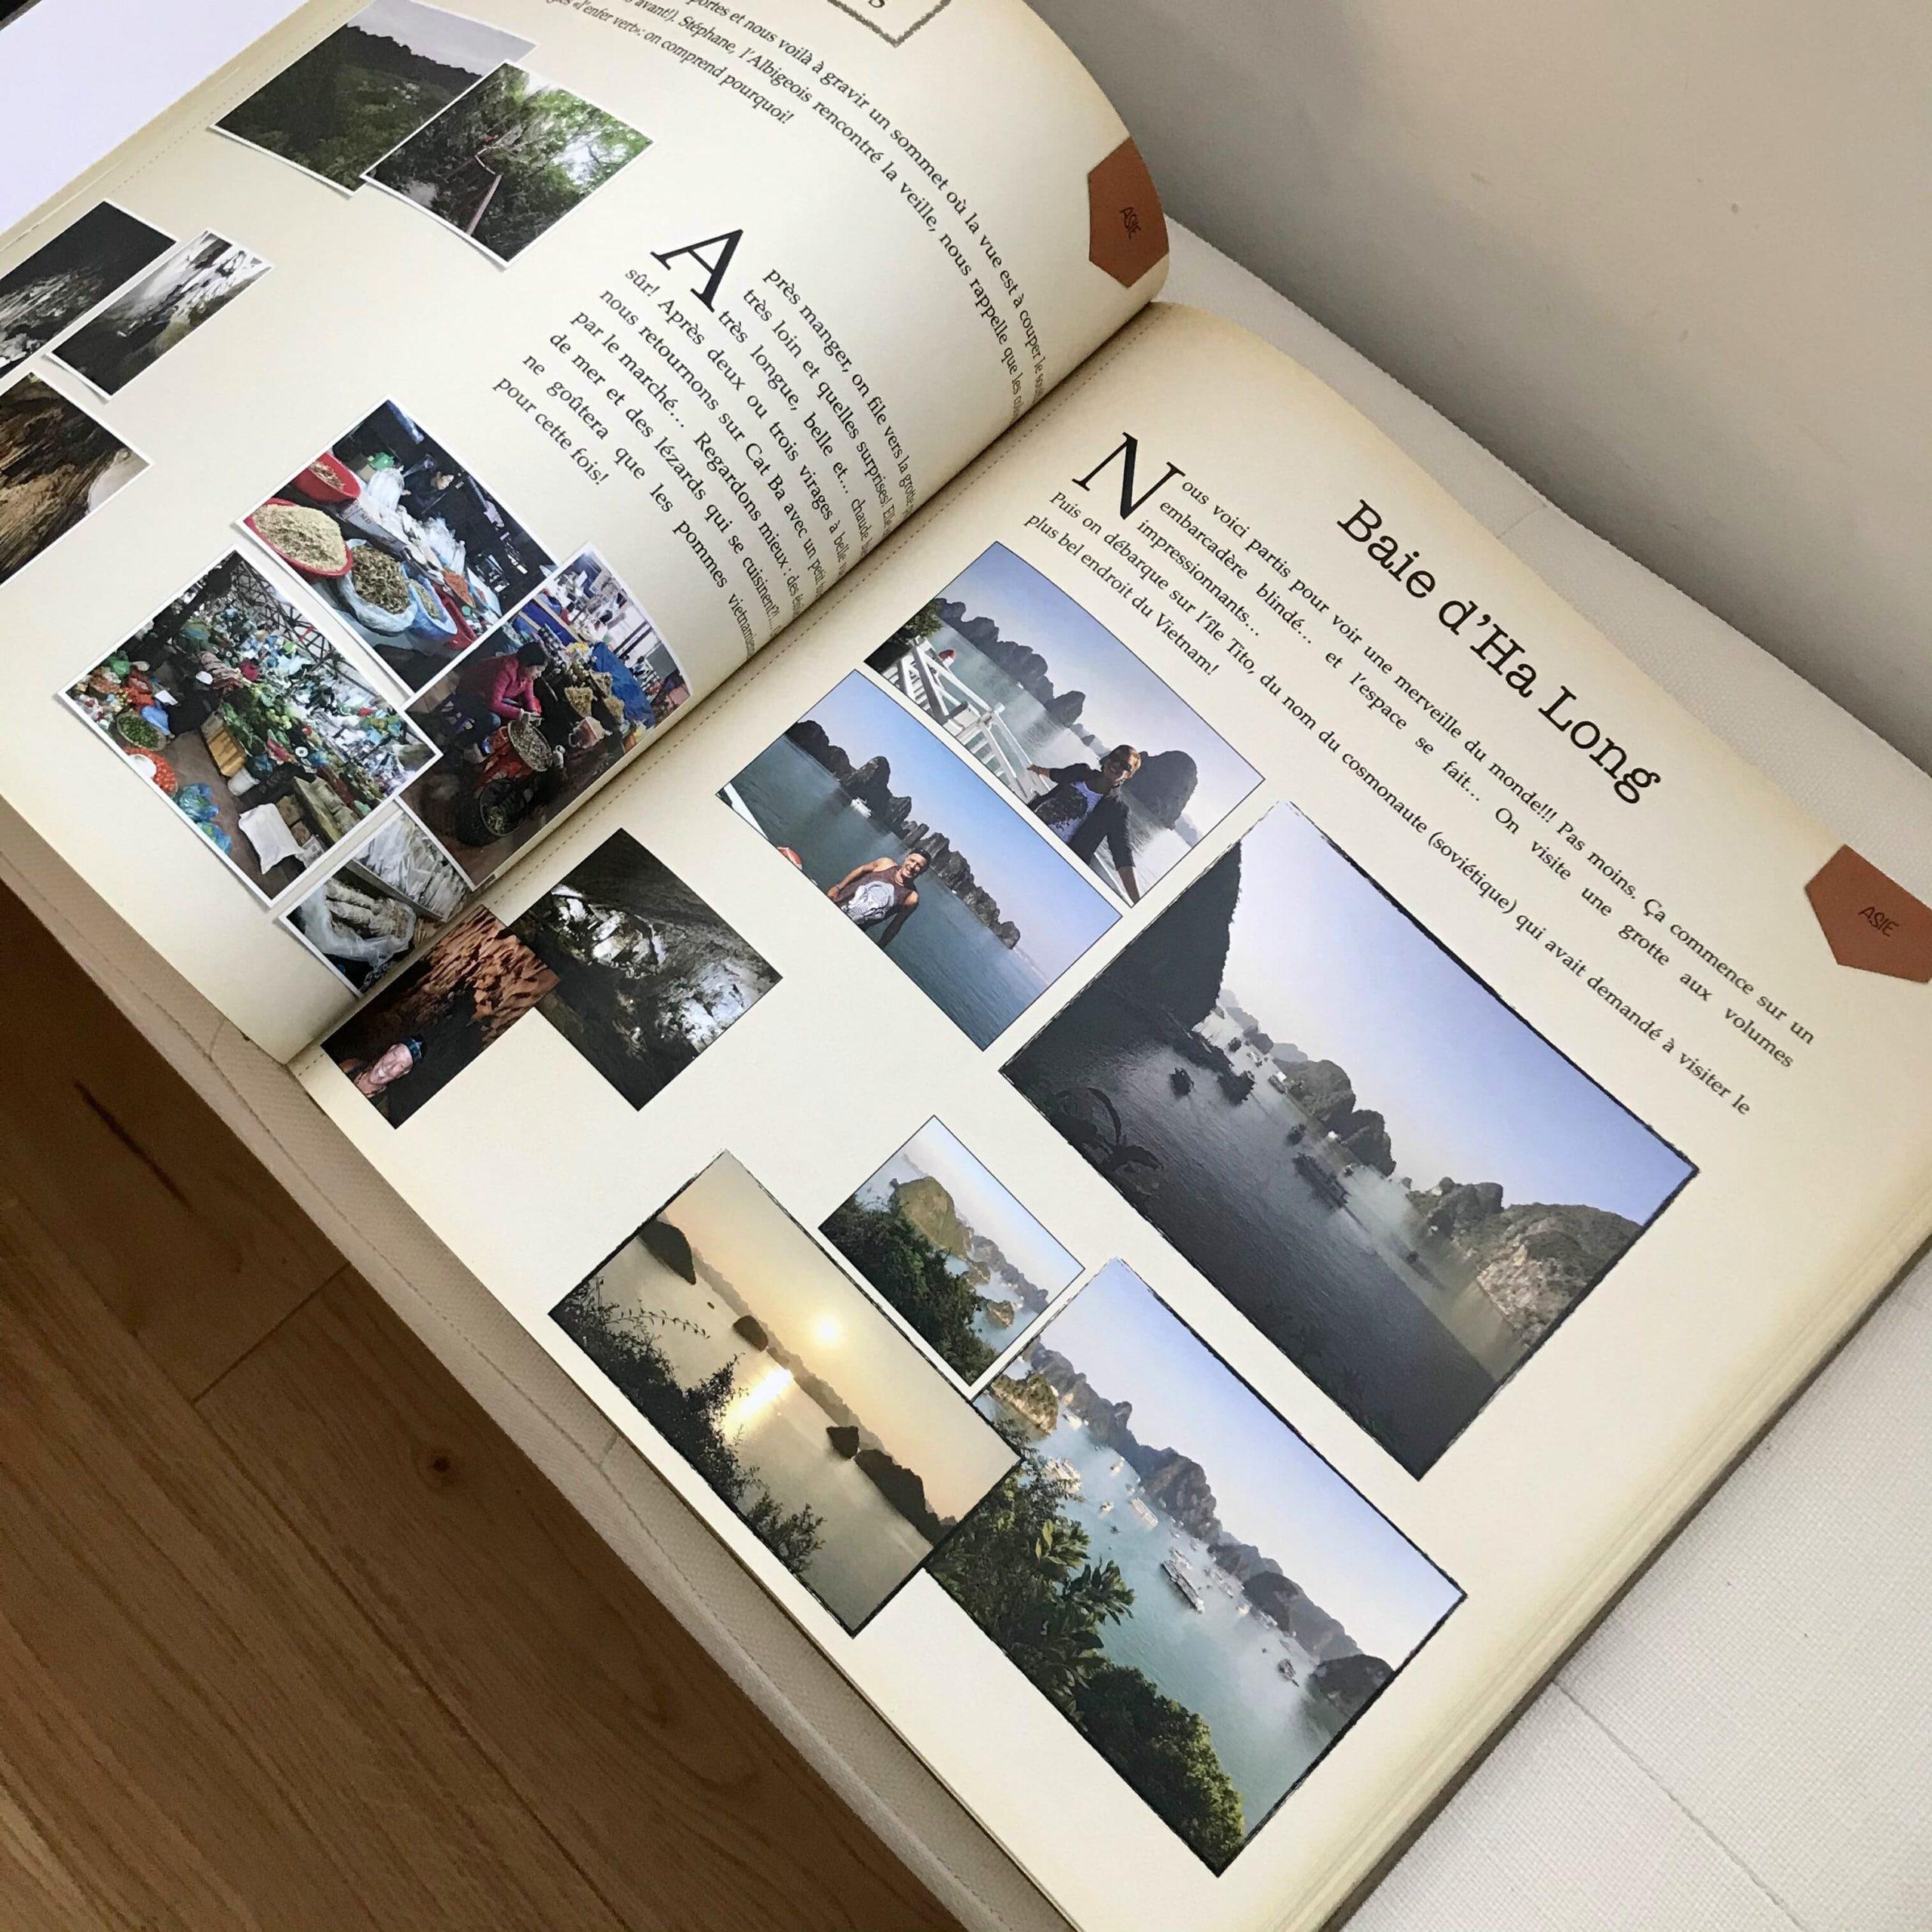 livre photo images et texte